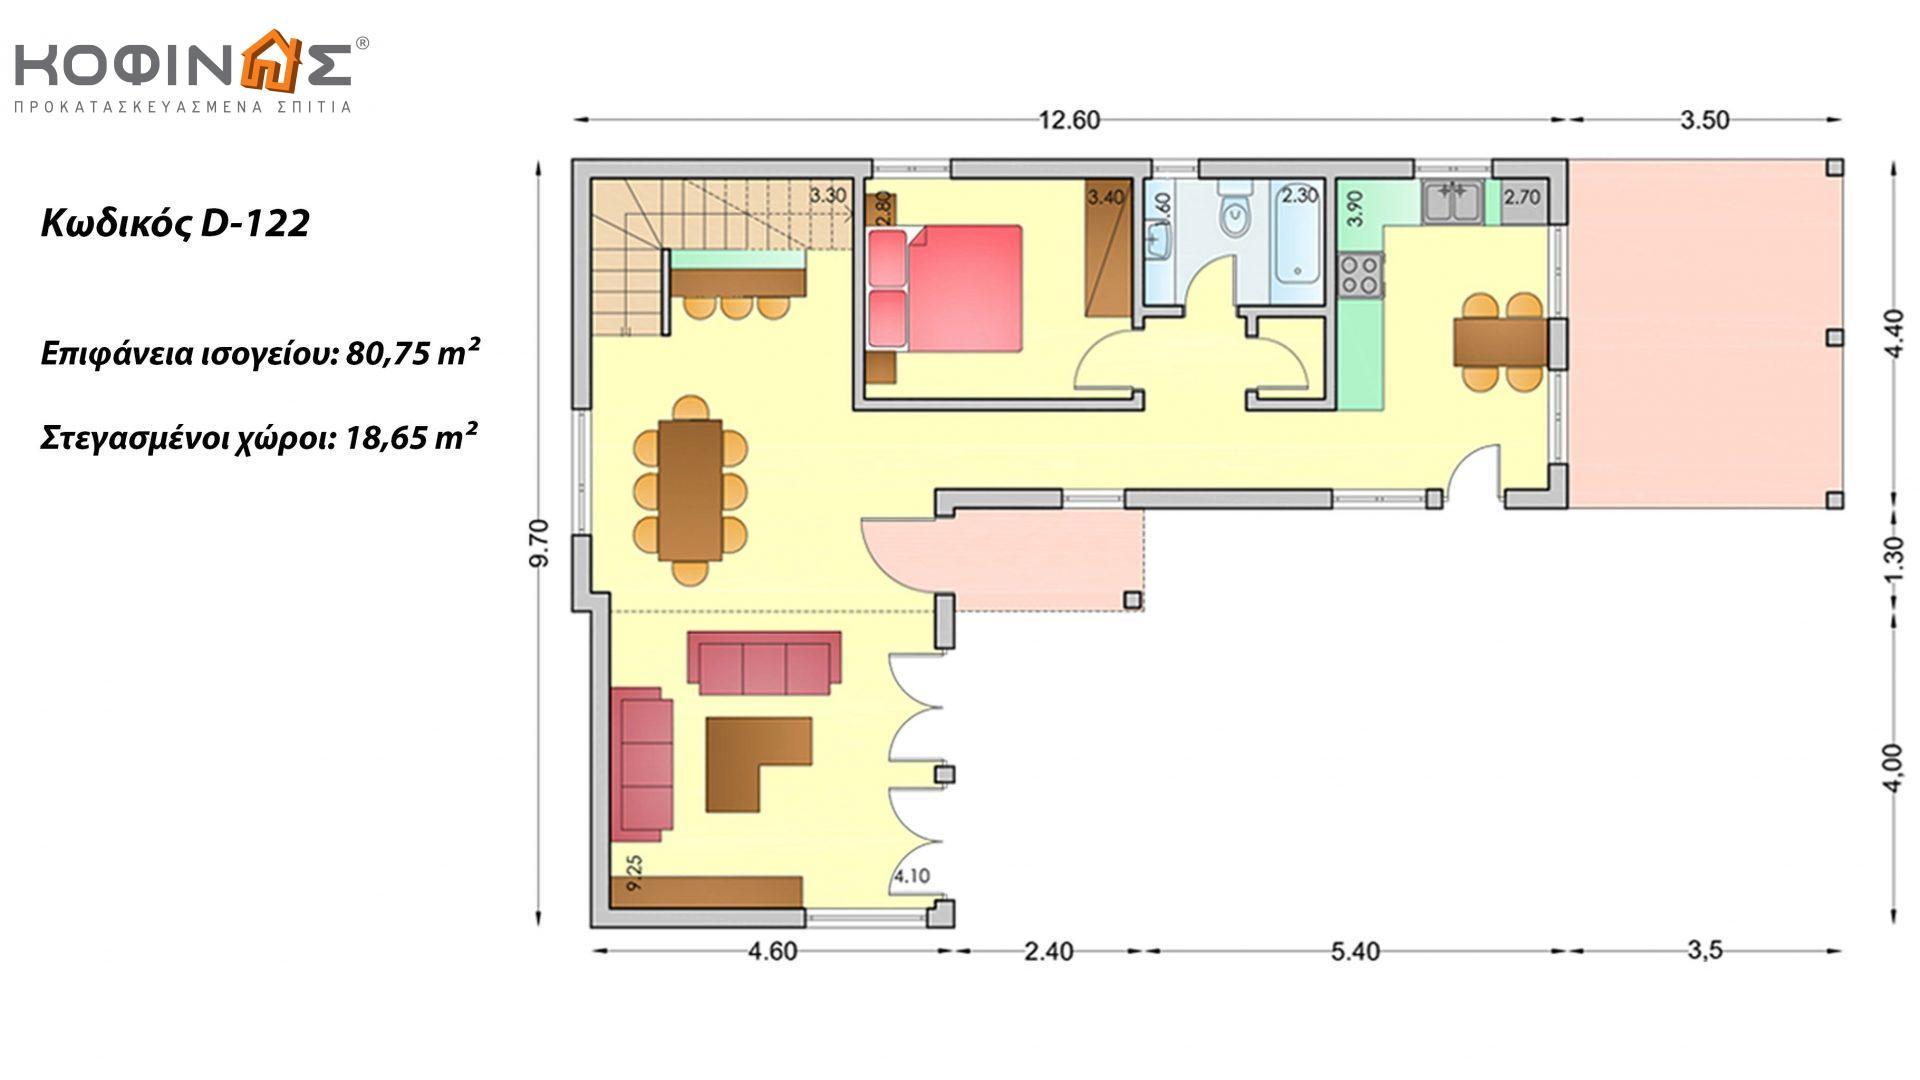 Διώροφη Κατοικία D-122, συνολικής επιφάνειας 122,60 τ.μ. , συνολική επιφάνεια στεγασμένων χώρων 18.65 τ.μ., μπαλκόνια 42.16 τ.μ.